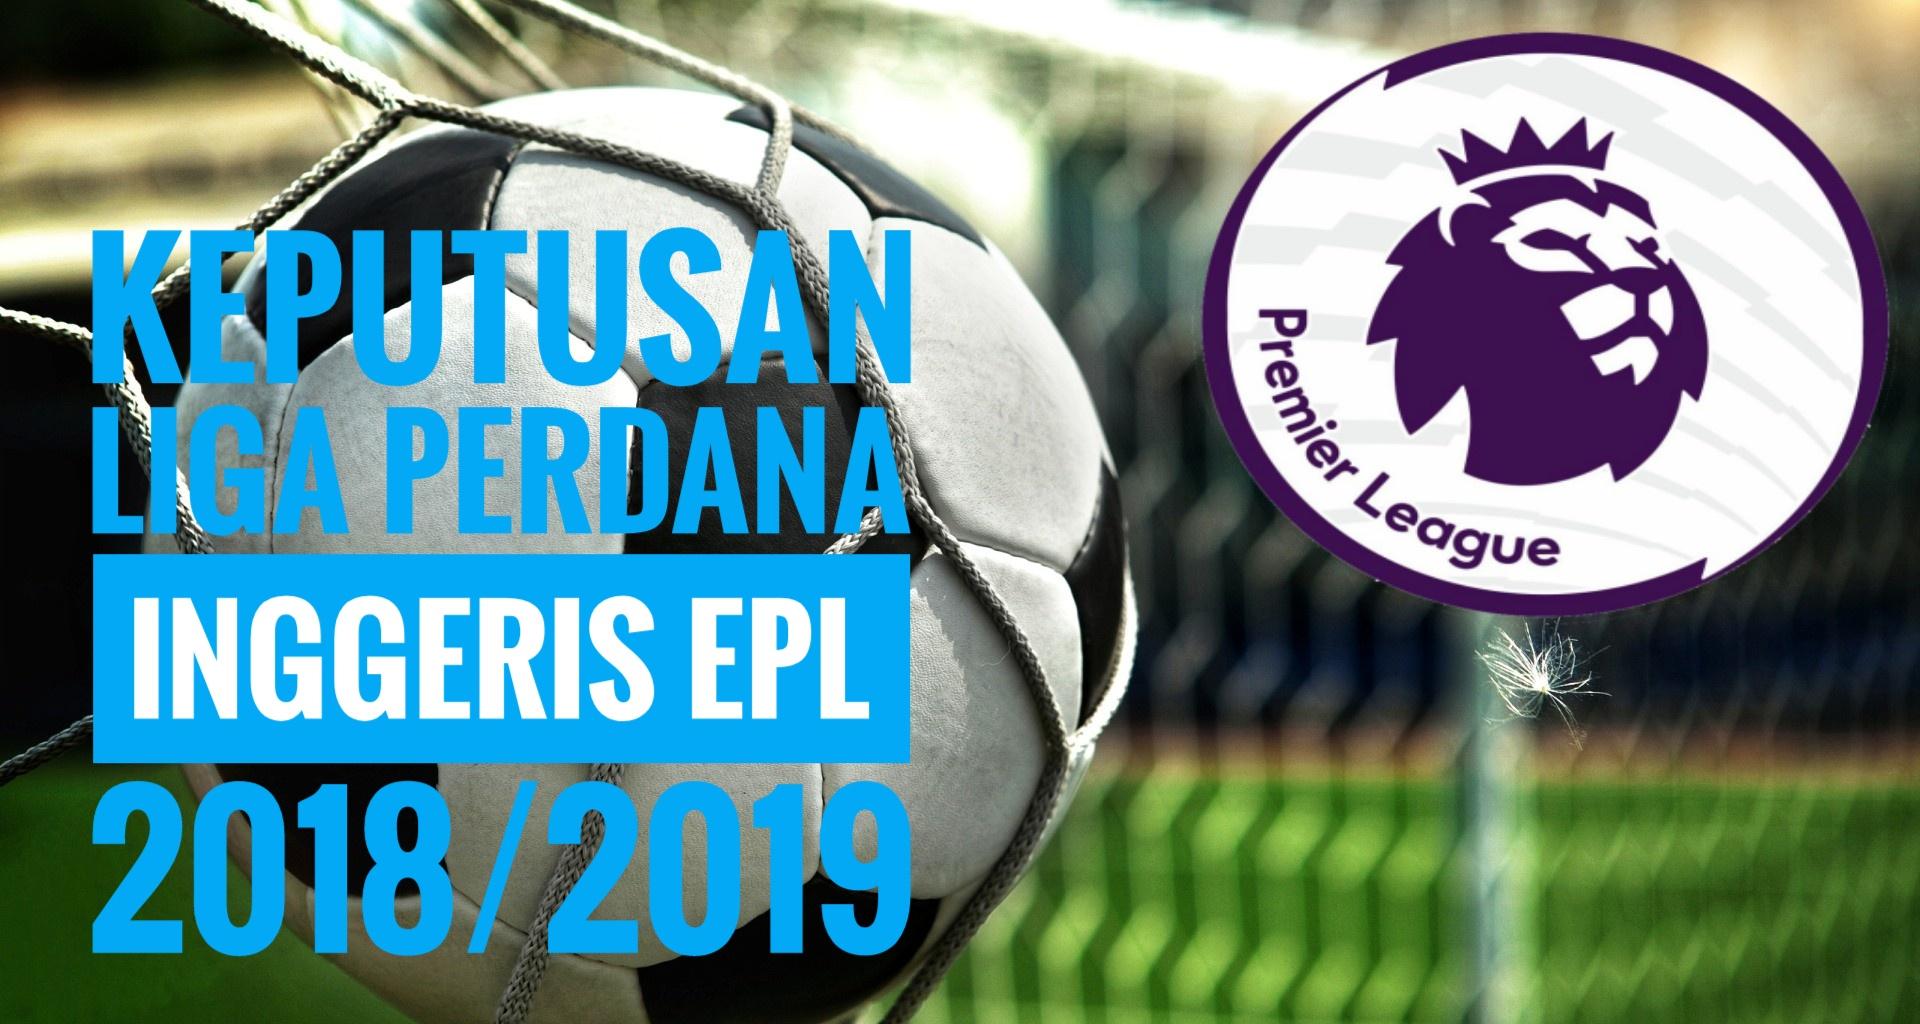 Keputusan Liga Perdana Inggeris EPL 2018/2019